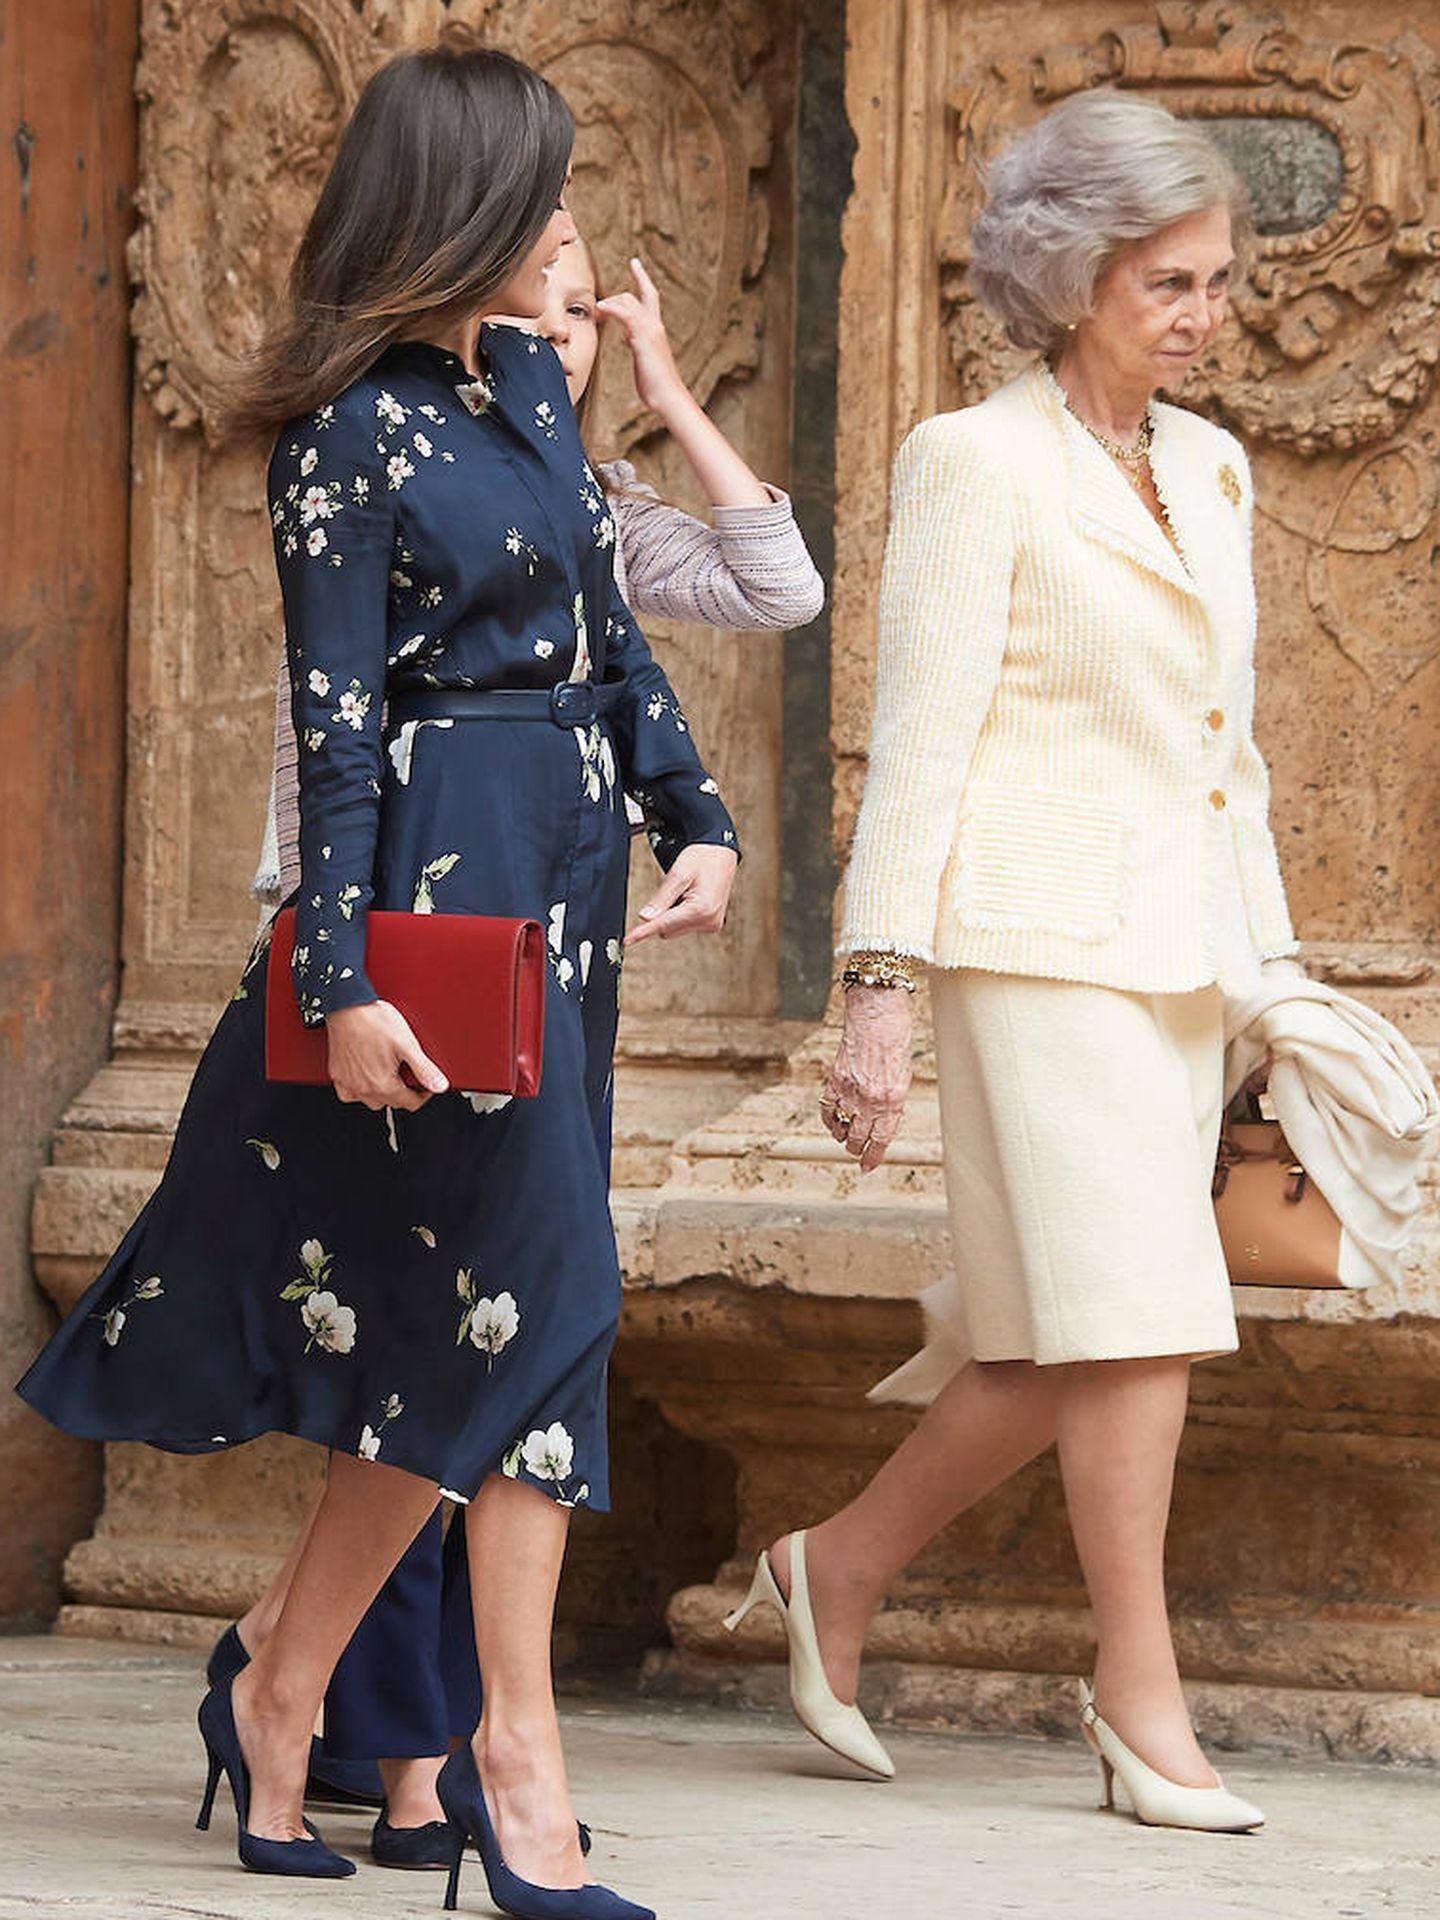 La reina Letizia y la reina Sofía a la salida de la catedral de Palma. (Limited Pictures)